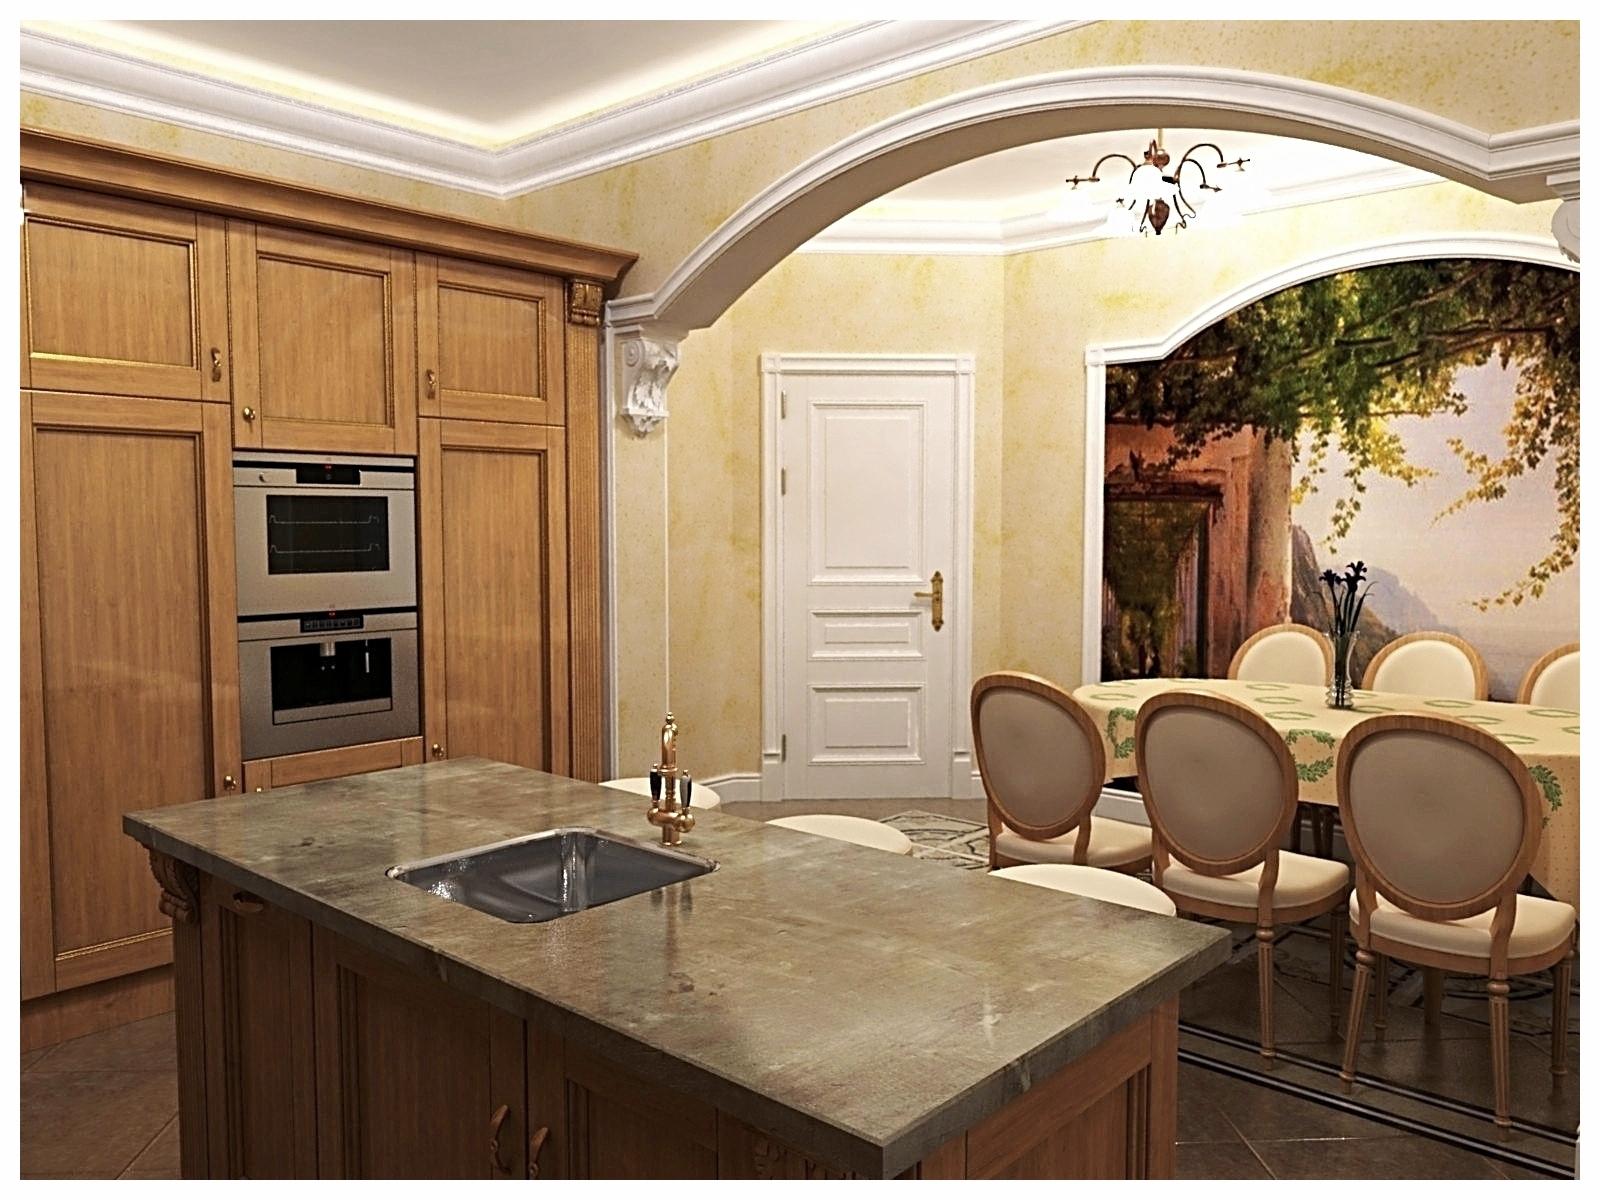 Дизайн интерьеров квартиры в дворцовом стиле. Кухня 2.